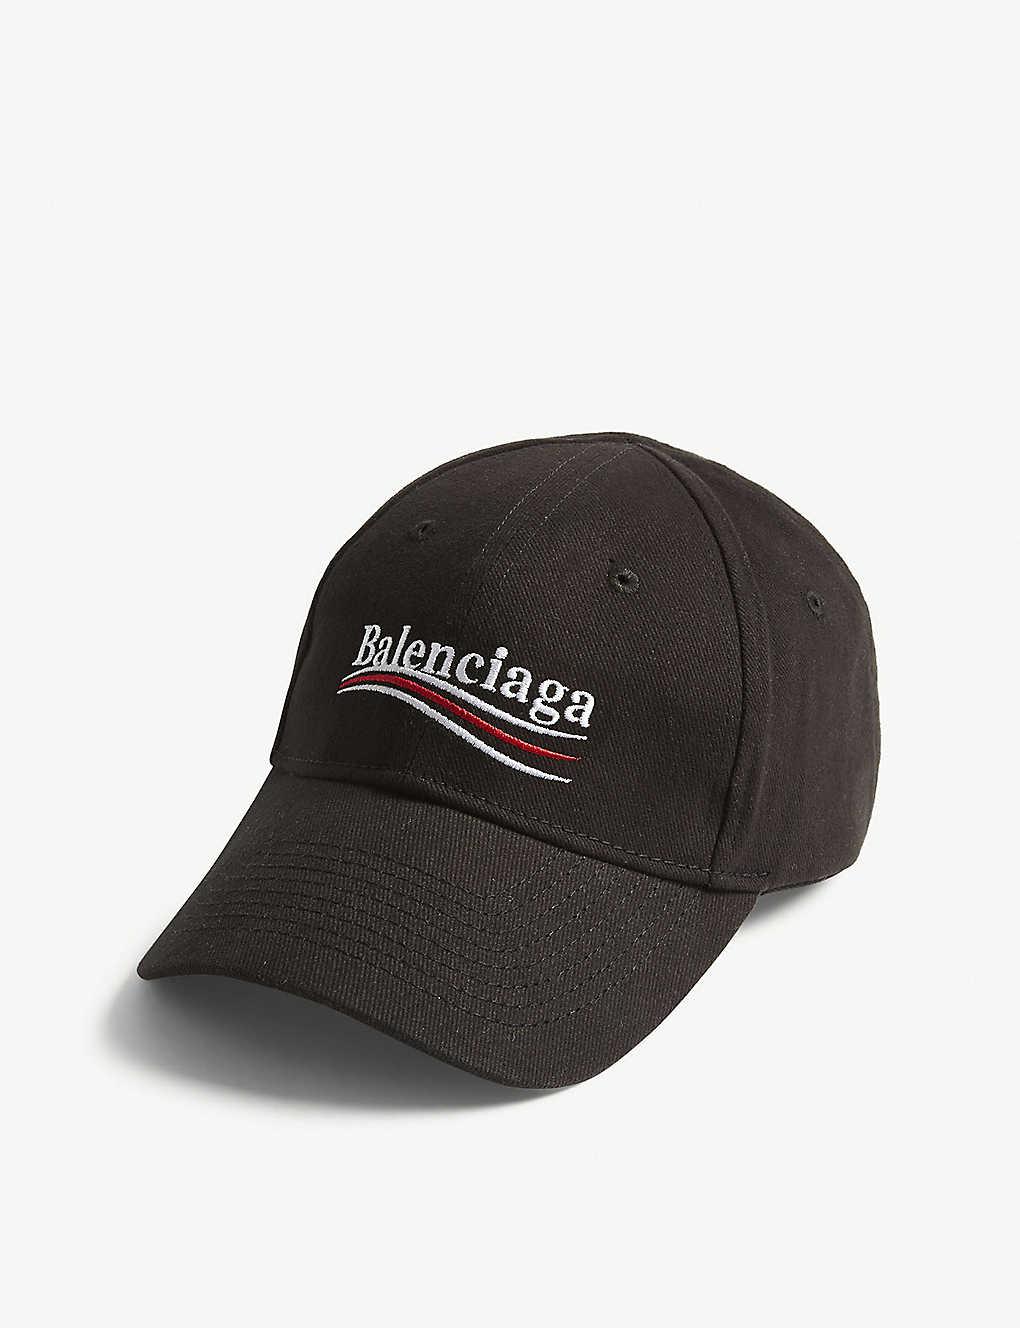 0a5668afe88 BALENCIAGA - Bernie logo cotton strapback cap